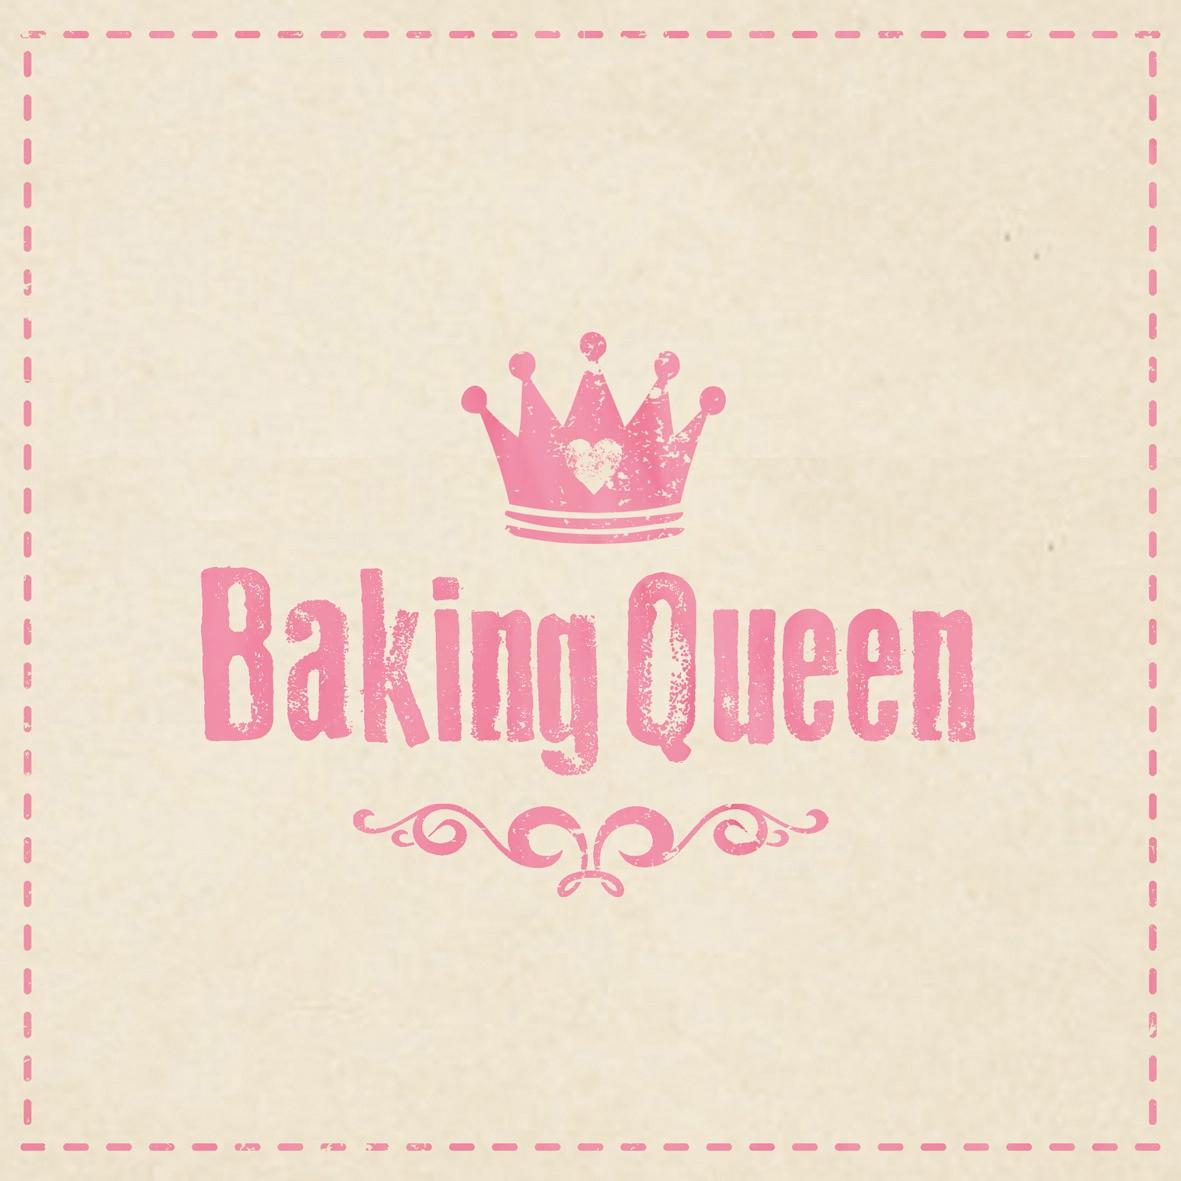 Lunch Servietten Baking Queen,  Sonstiges - Schriften,  Everyday,  lunchservietten,  Schriften